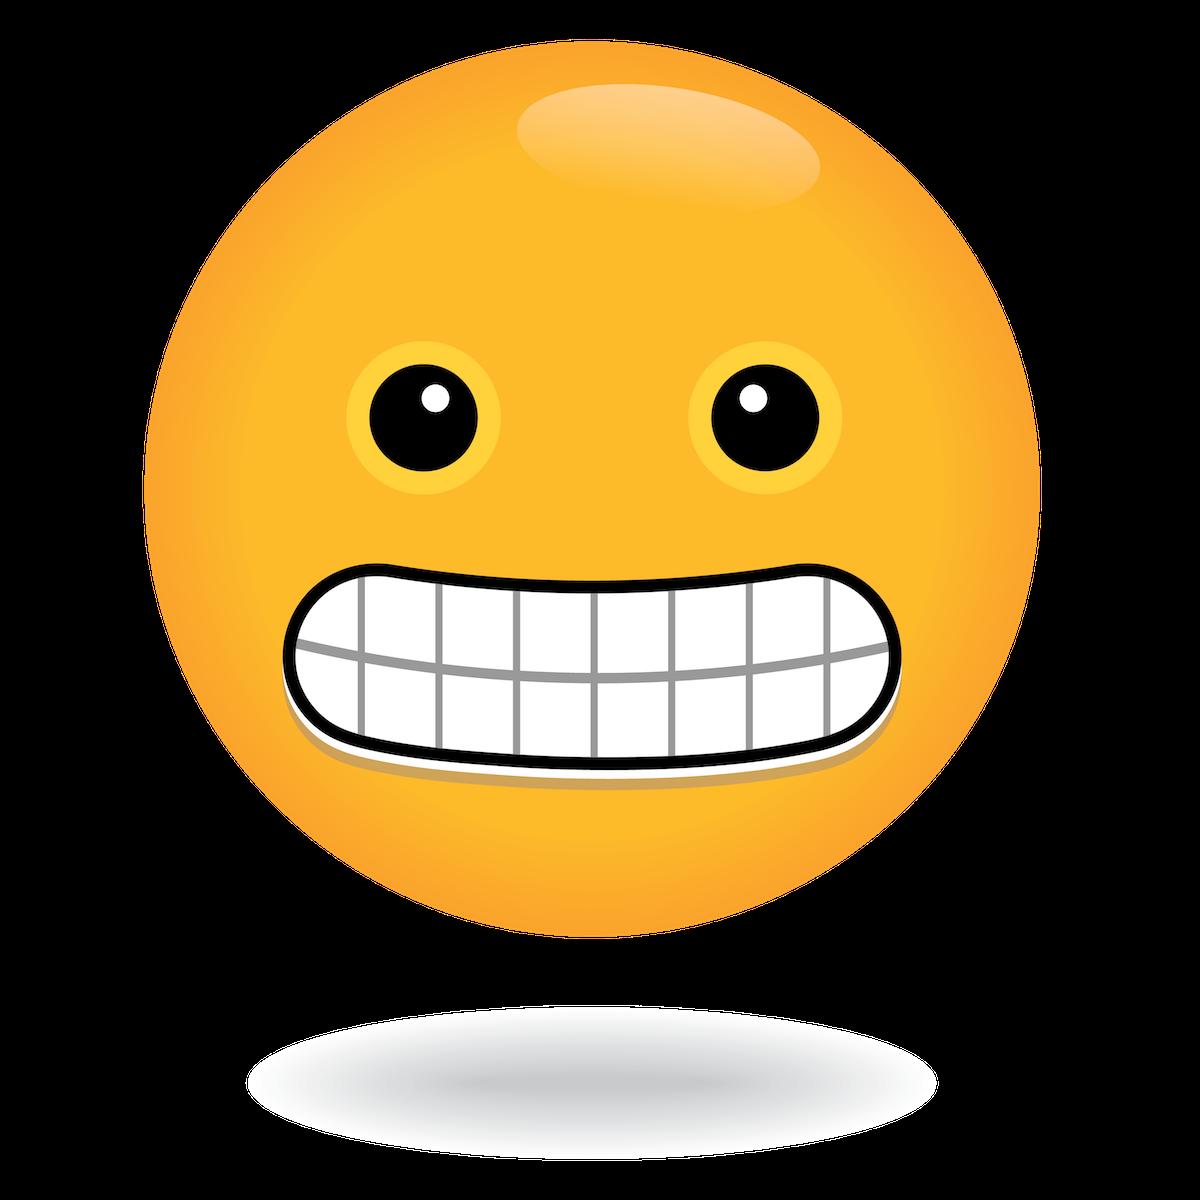 teeth emoji by define awesome